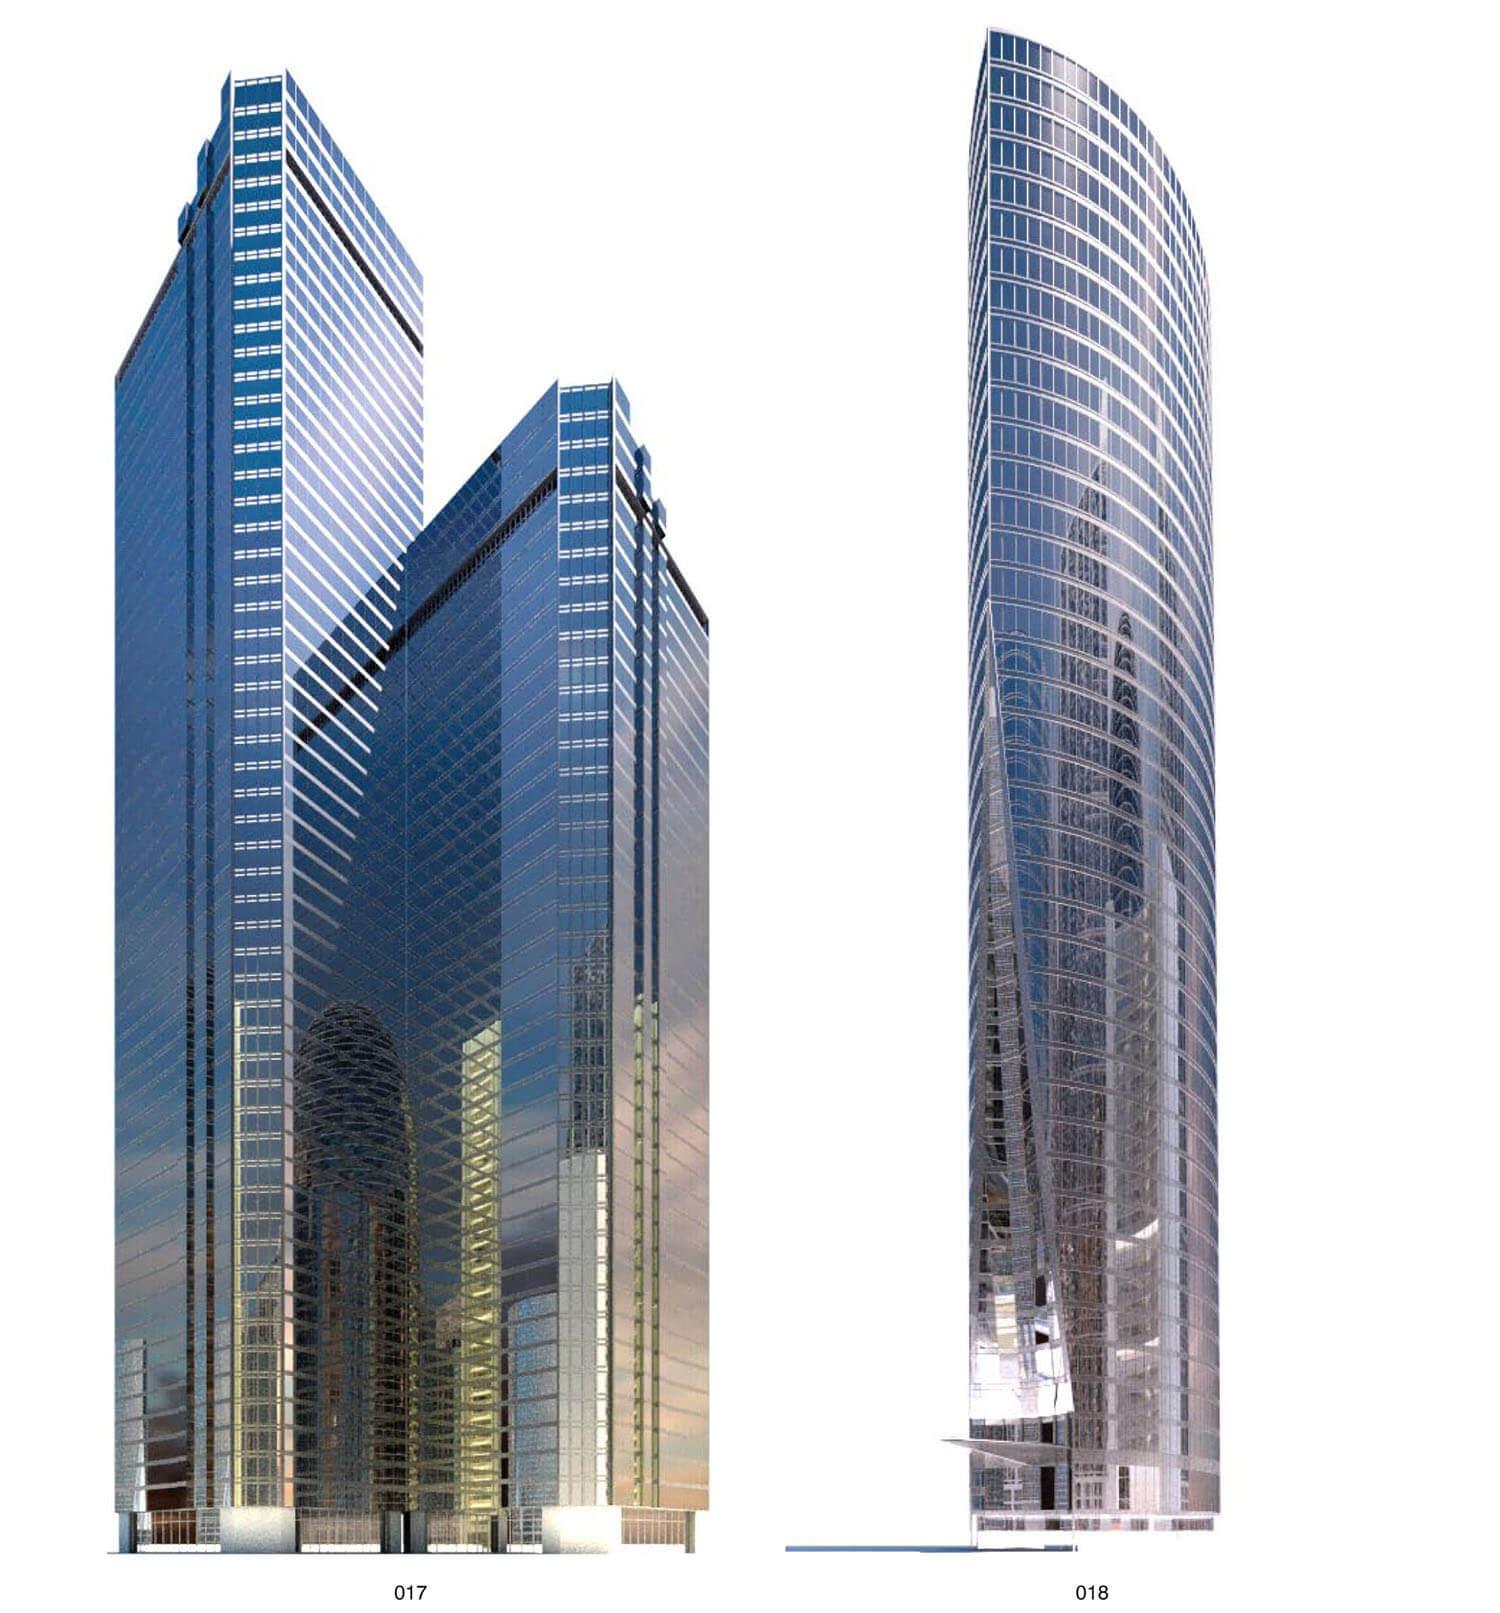 Nhà cao tầng như khối gương kính mọc từ dưới đất lên